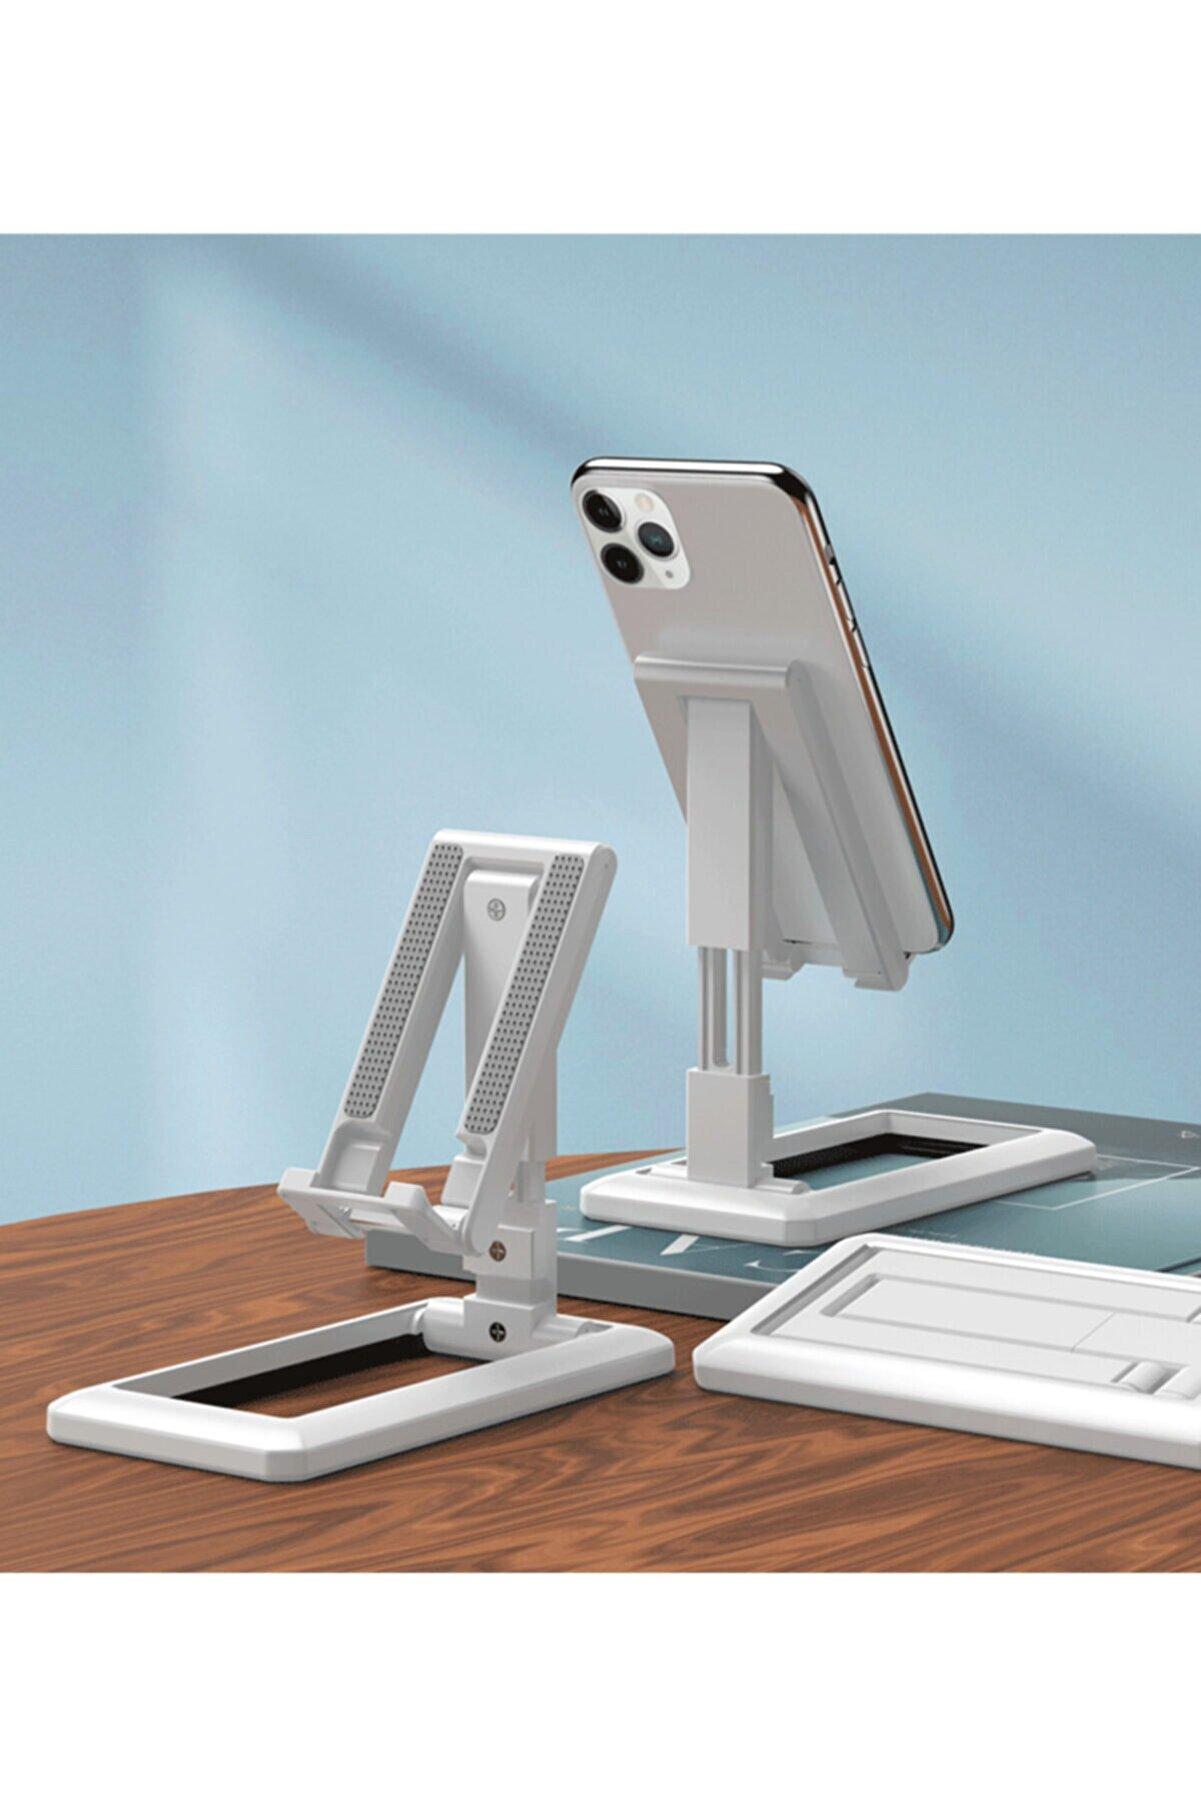 Wonderlust Profesyonel Tablet Ve Telefon Tutucu Stand 2 Kademeli Uzunluk Beyaz